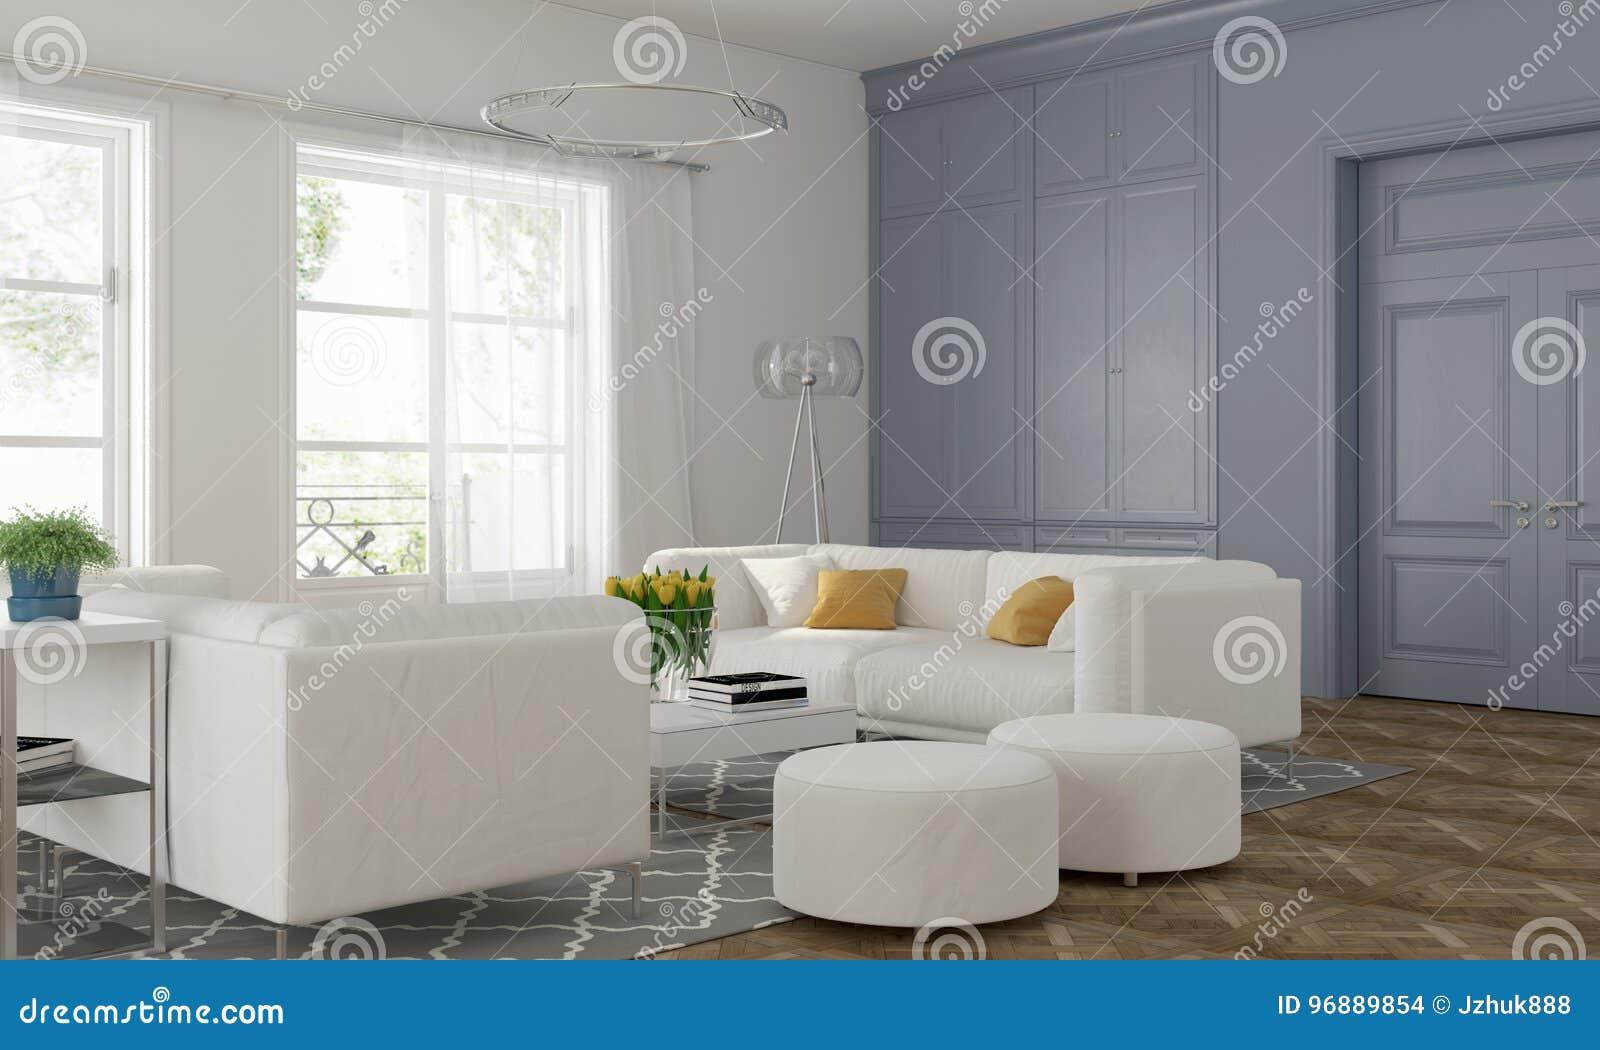 Woonkamer met blauwe muur stock illustratie. Illustratie bestaande ...